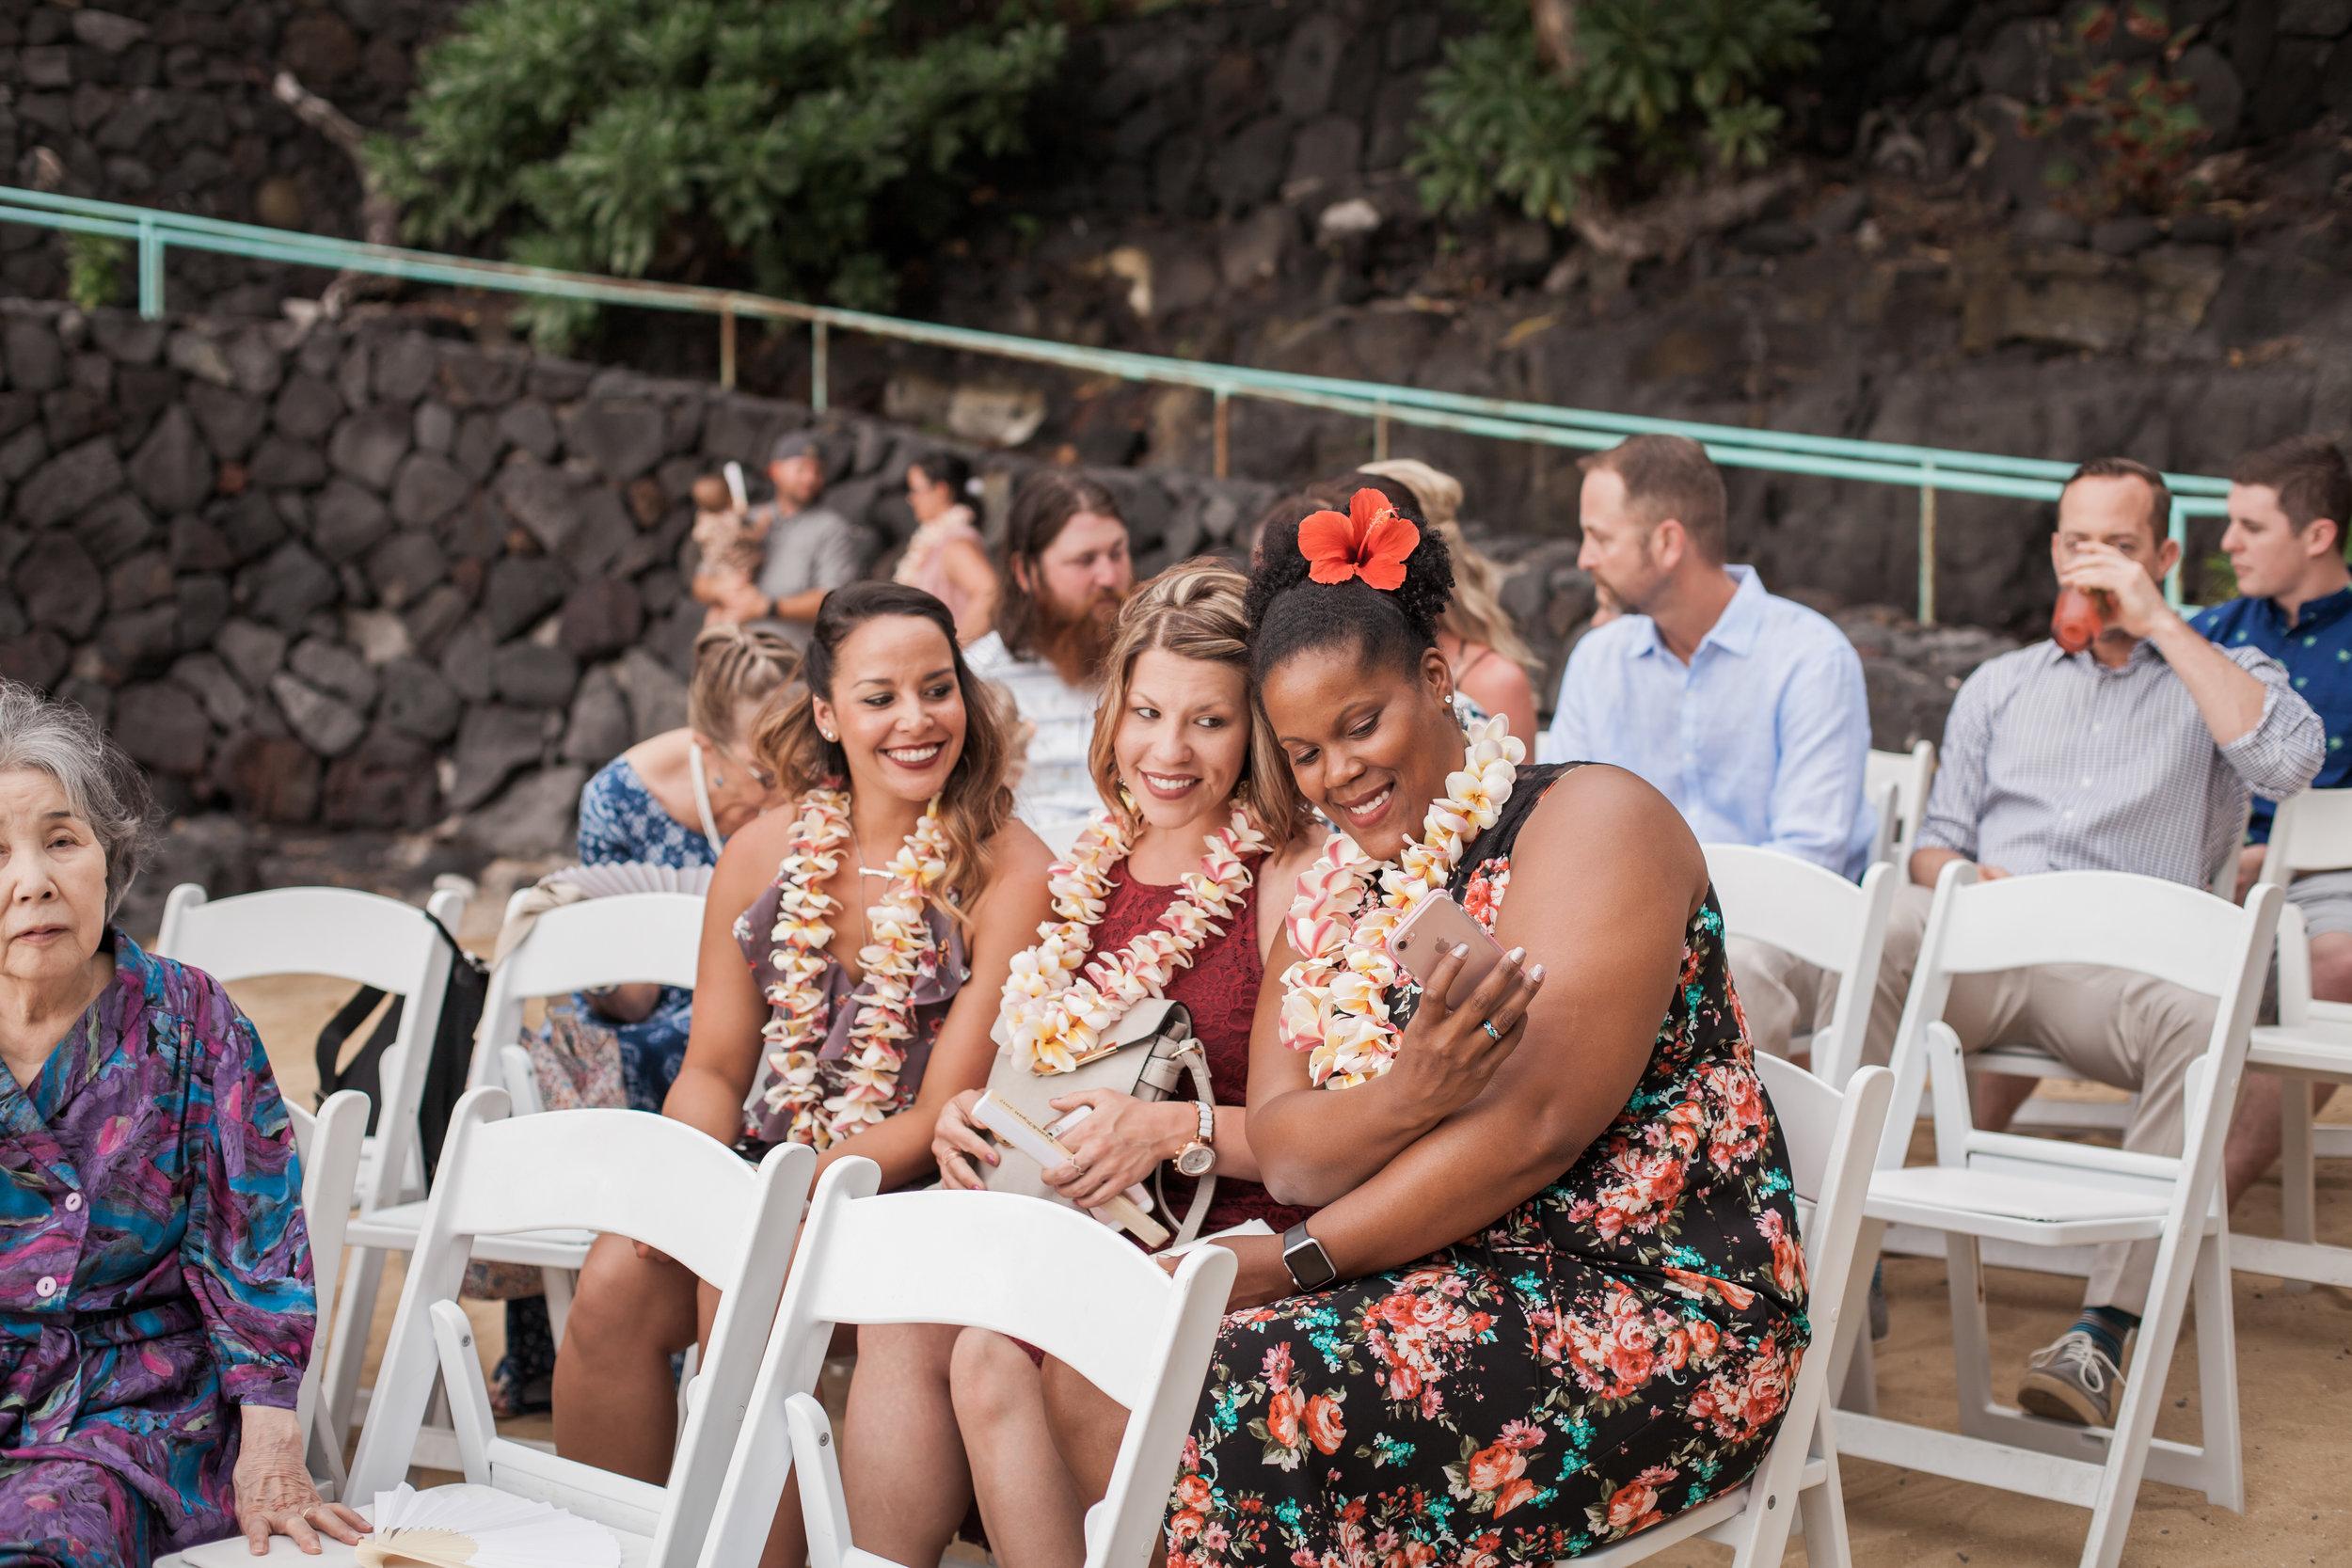 big island hawaii royal kona resort beach wedding © kelilina photography 20170520163342.jpg